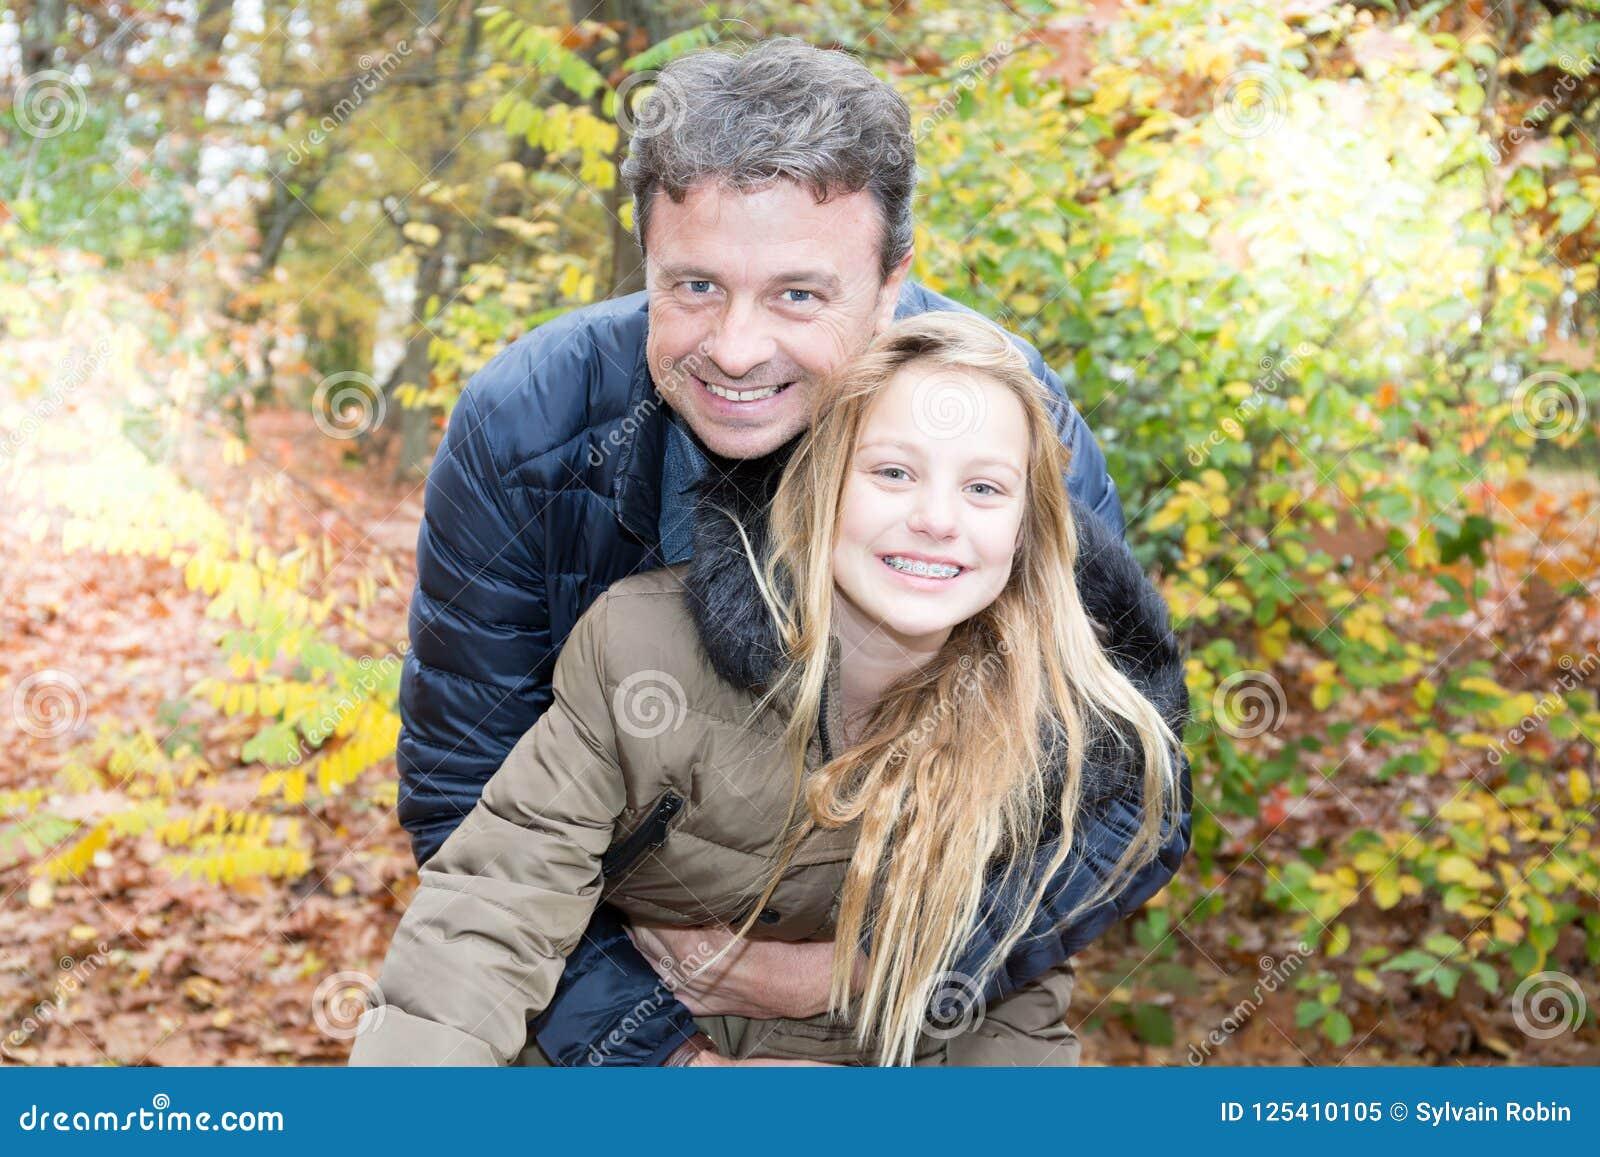 Il padre e la figlia nel gioco del parco di autunno che ridono la ragazza bionda graziosa abbraccia il suo papà